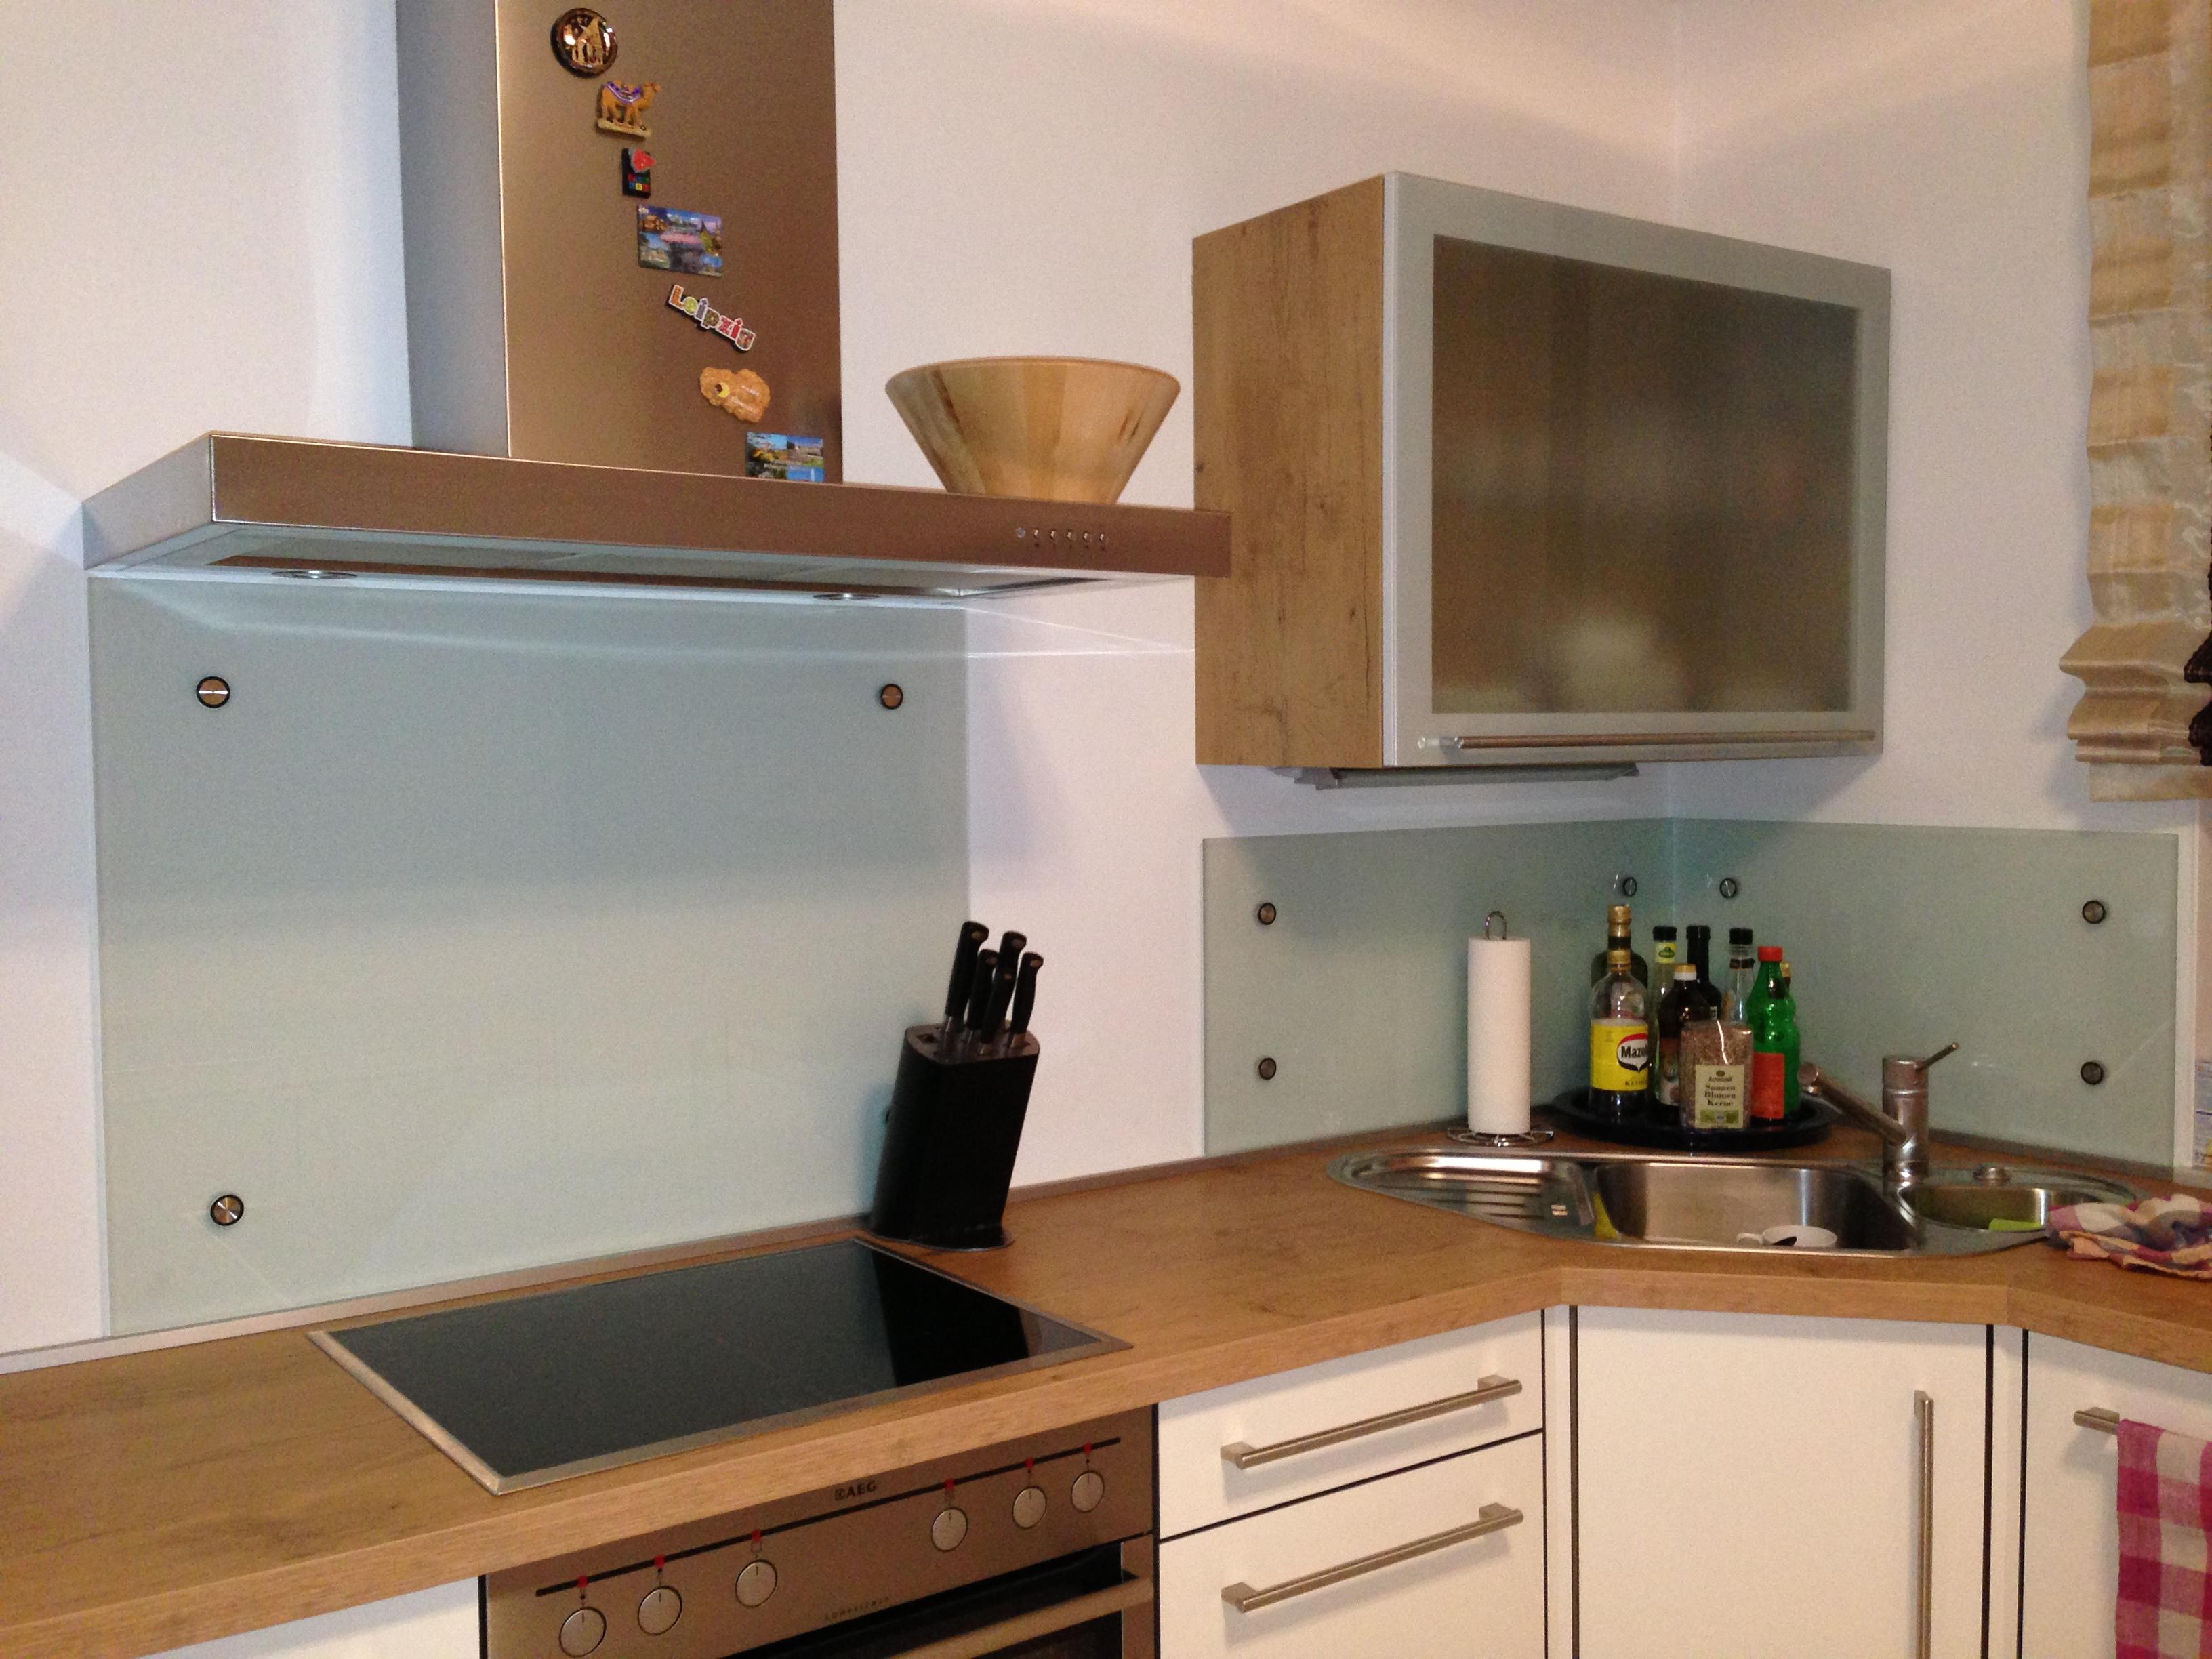 duschen spiegel k chenr ckw nde volkheimer. Black Bedroom Furniture Sets. Home Design Ideas